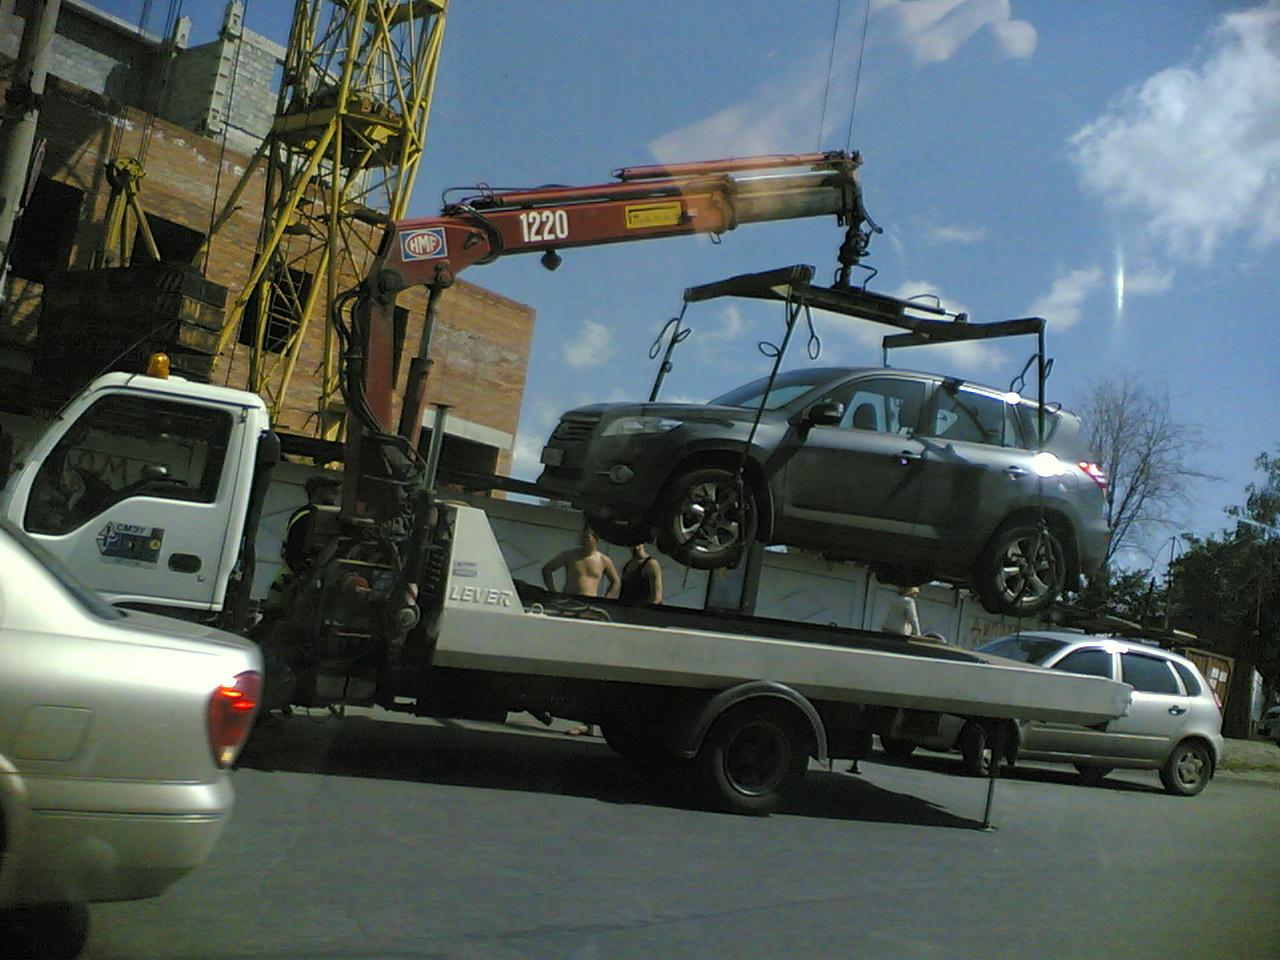 Новая специализированная стоянка Челябинска для эвакуированных автомобилей, открывшаяся 12 июля п